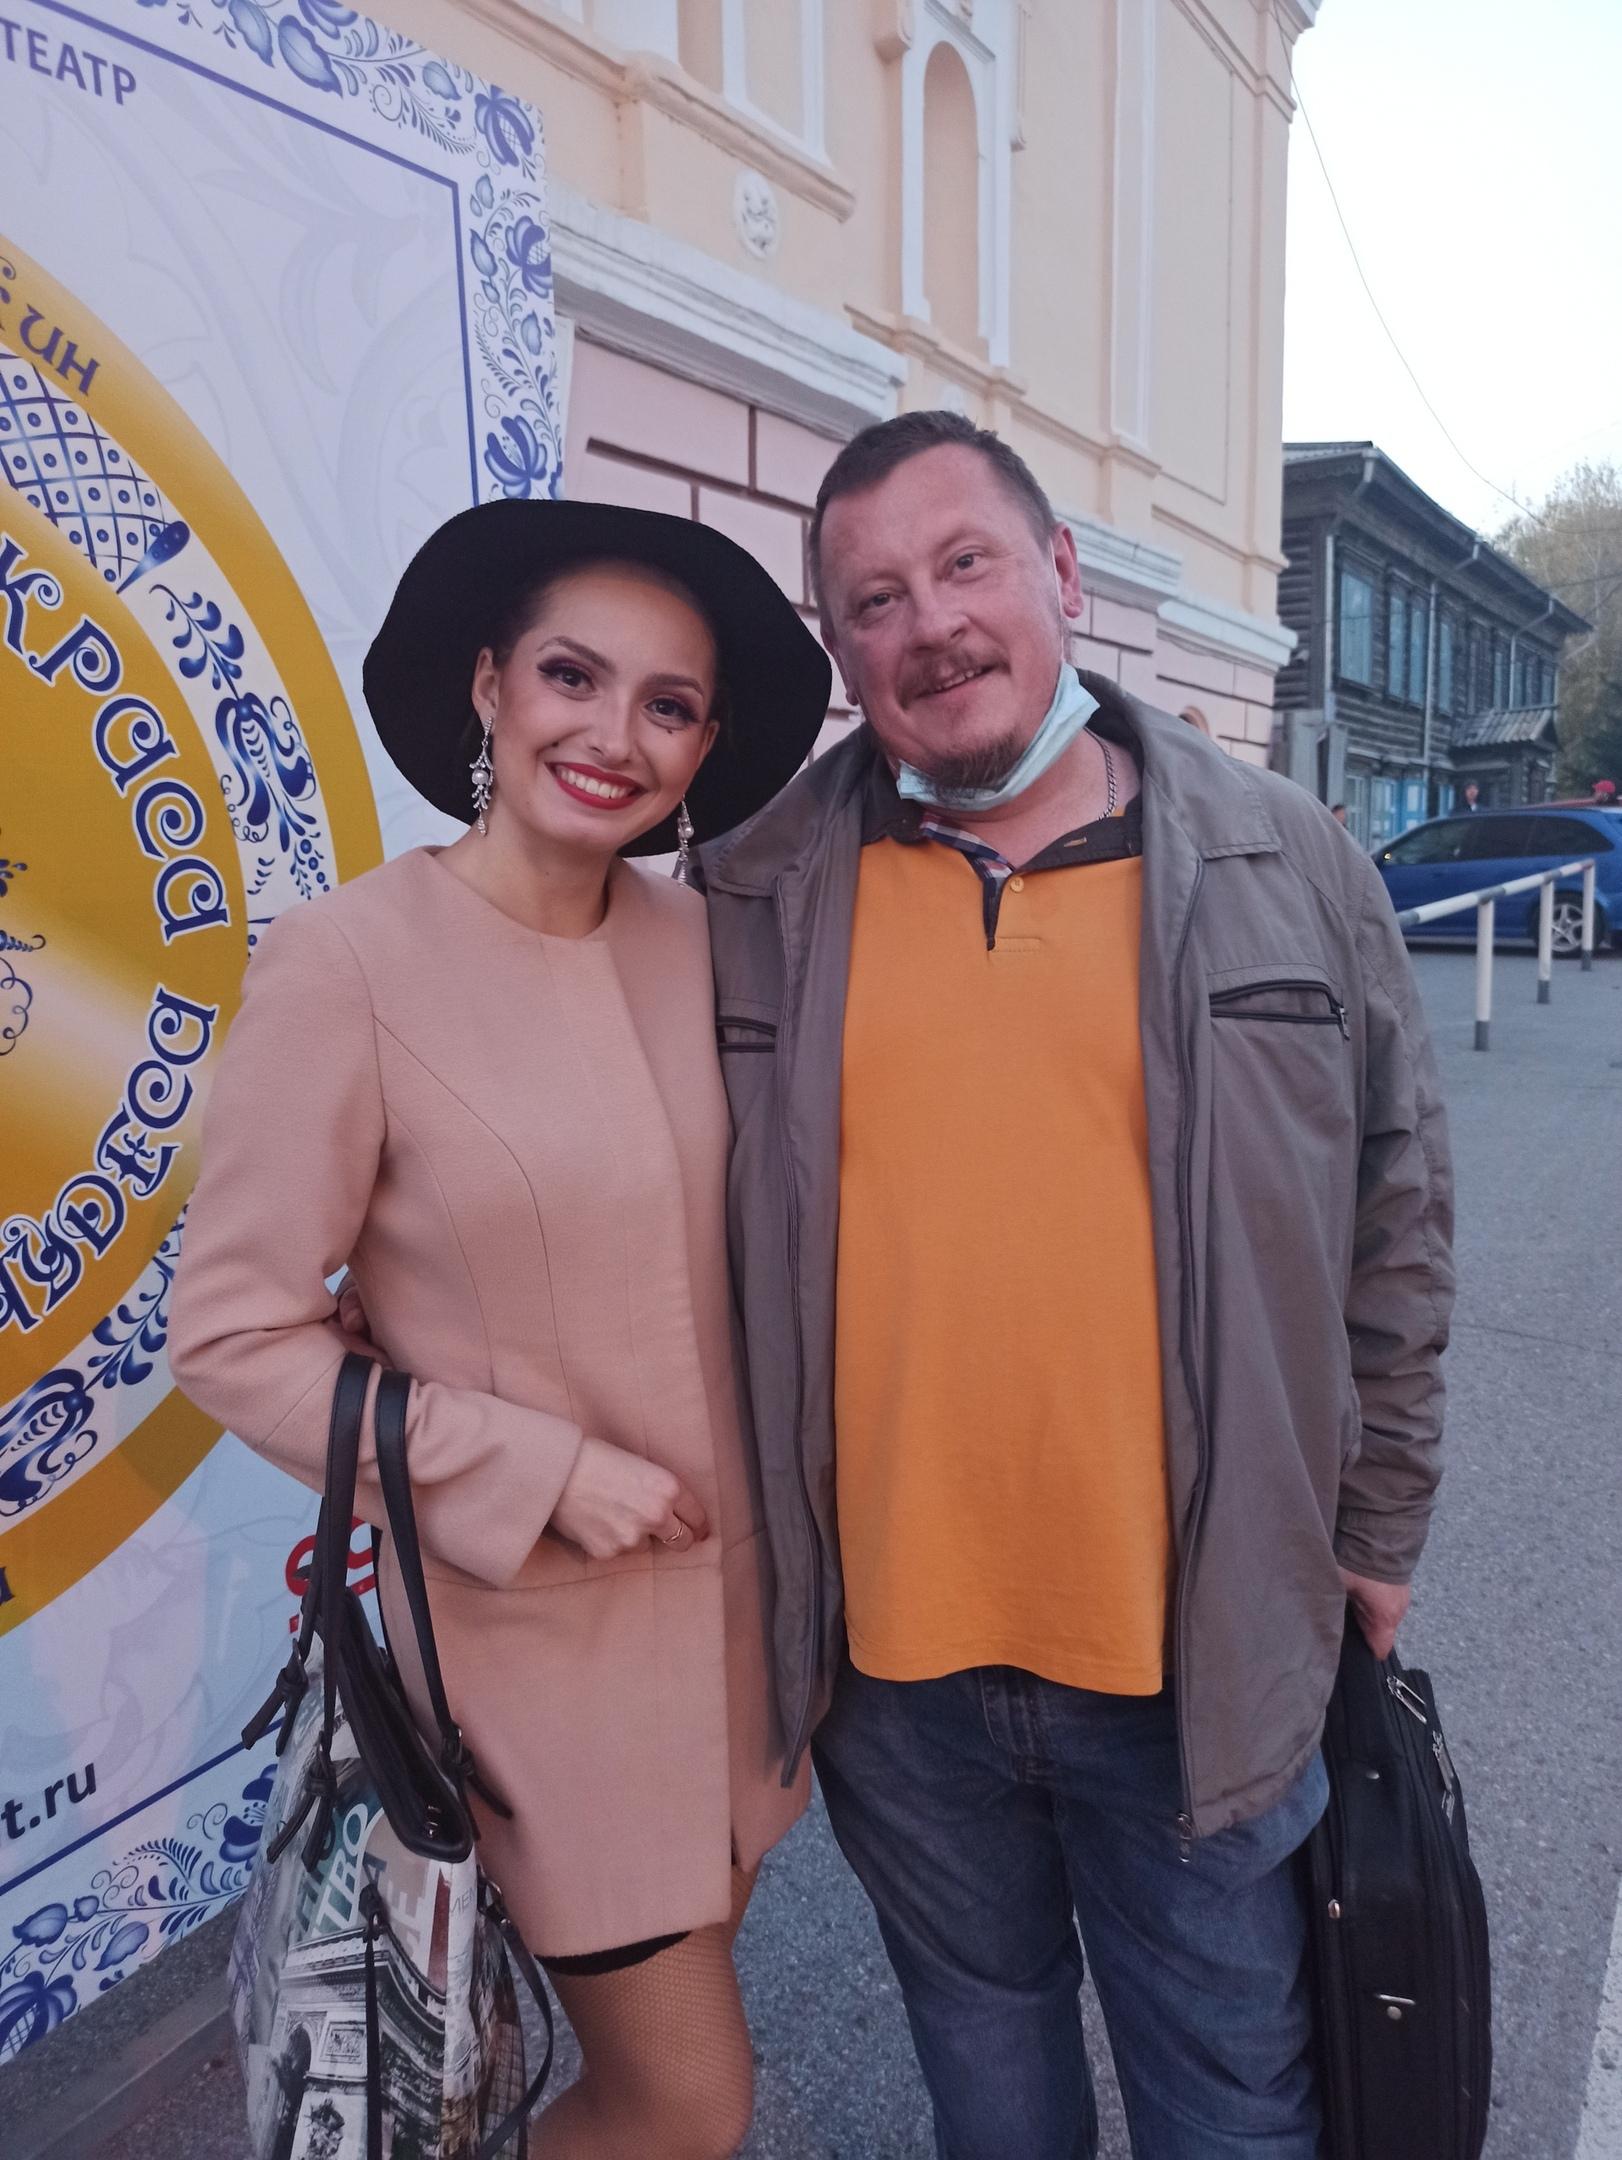 Поздравляем Татьяну Панич-Коренскую с первой большой ролью5